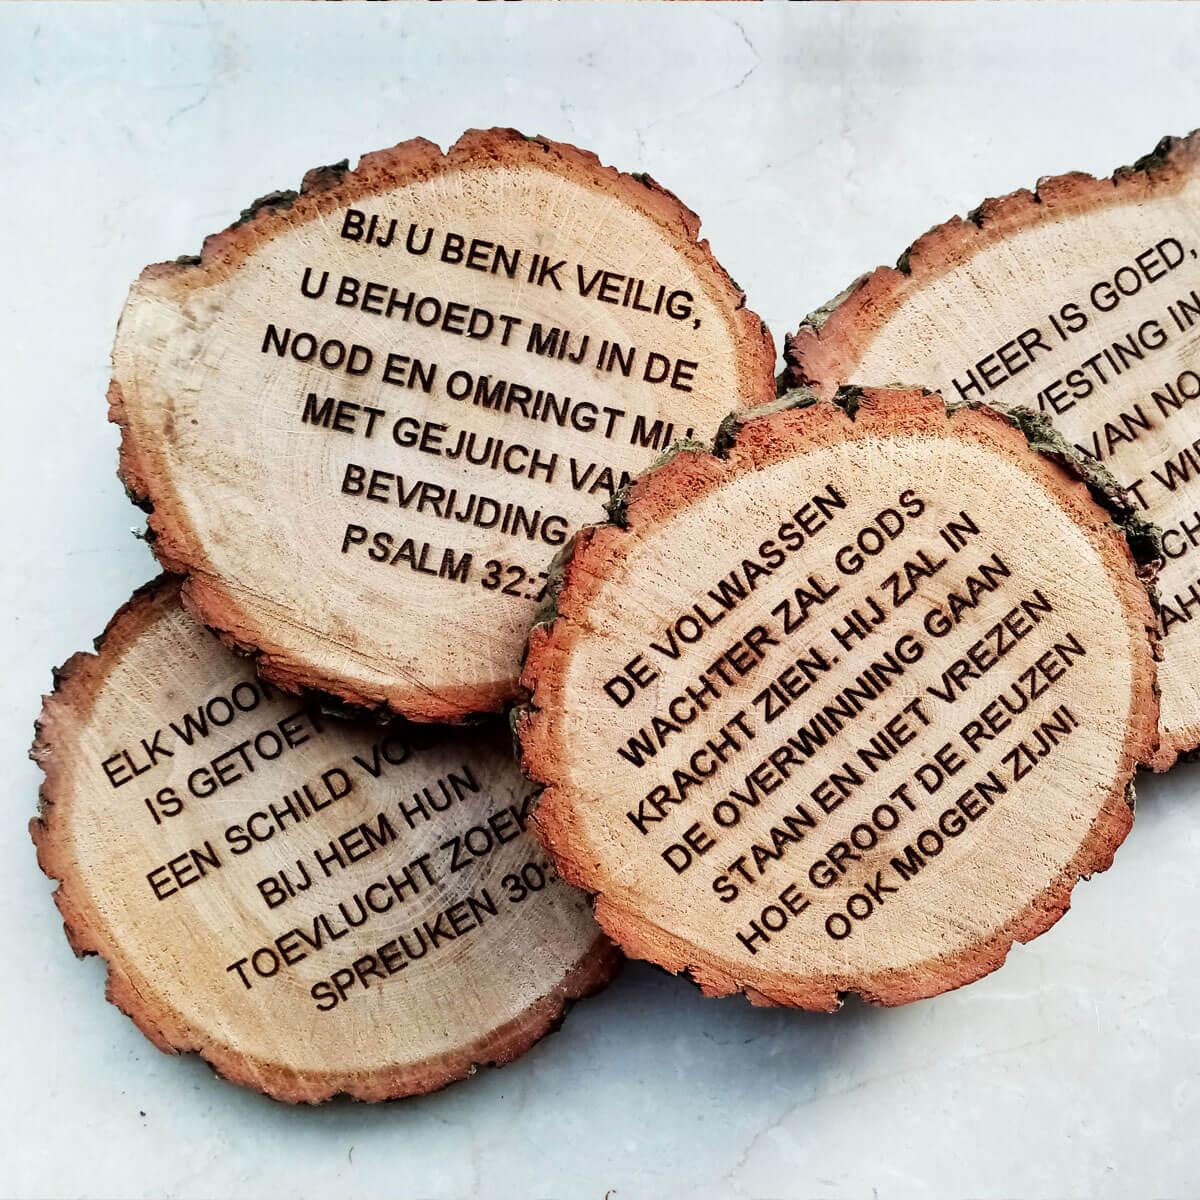 Spreuken op boomstronk-schijf (natuurproduct)